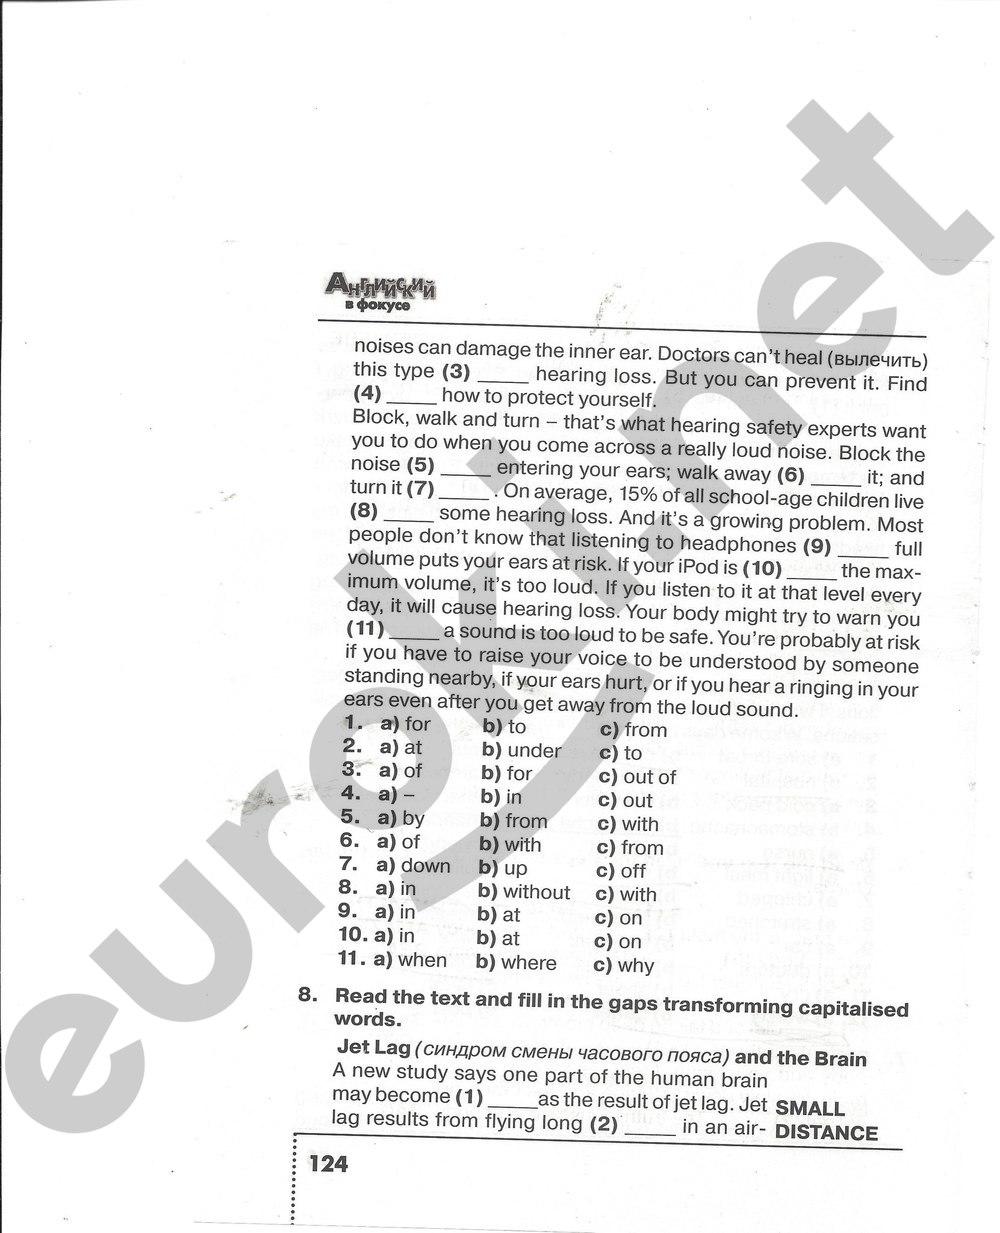 ГДЗ по английскому языку 7 класс рабочая тетрадь Ваулина, Подоляко. Задание: стр. 124